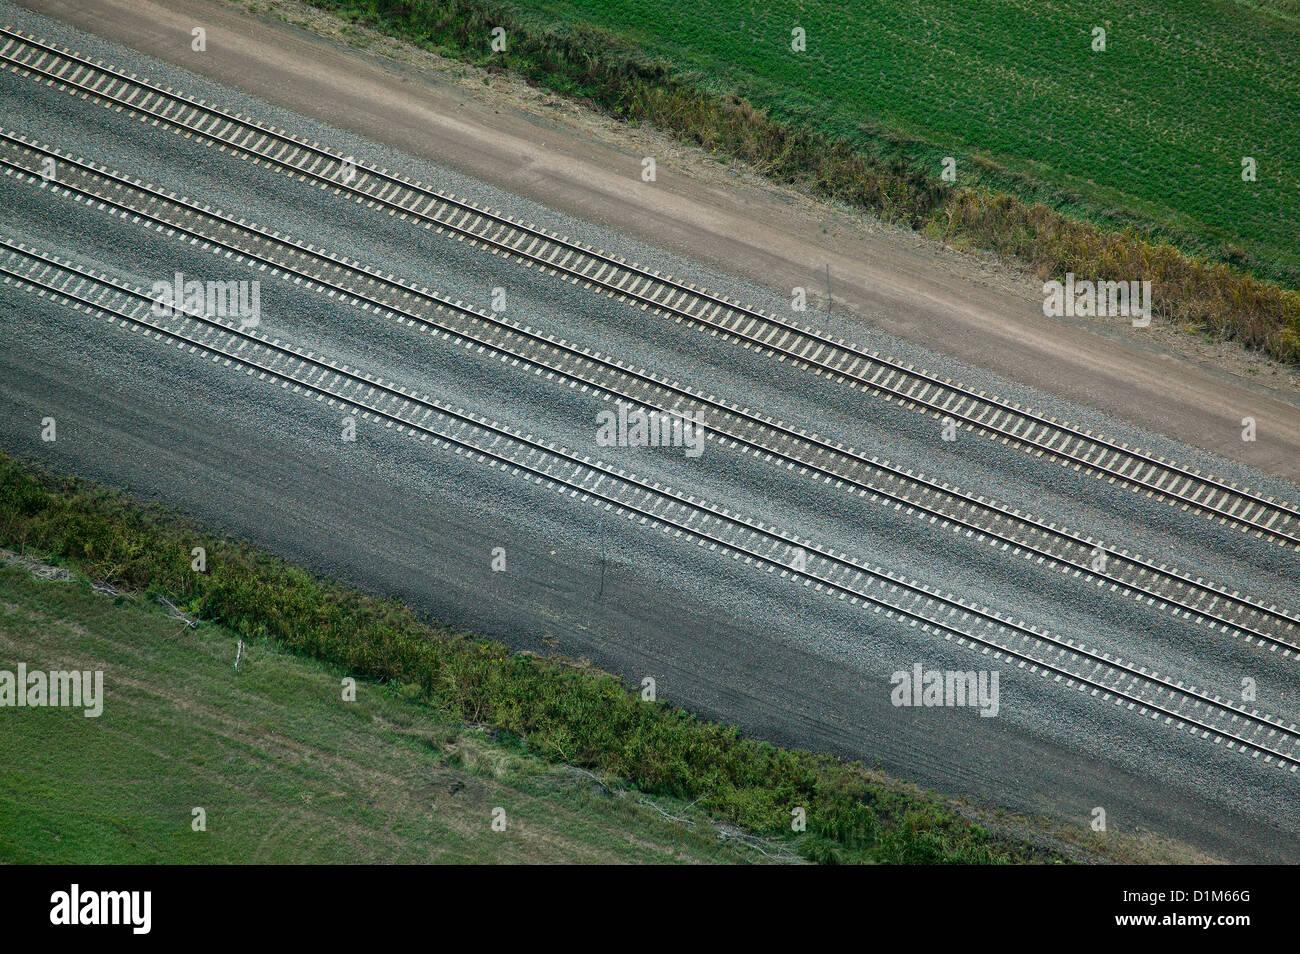 Fotografía aérea Union Pacific de vías de ferrocarril, Nebraska Imagen De Stock